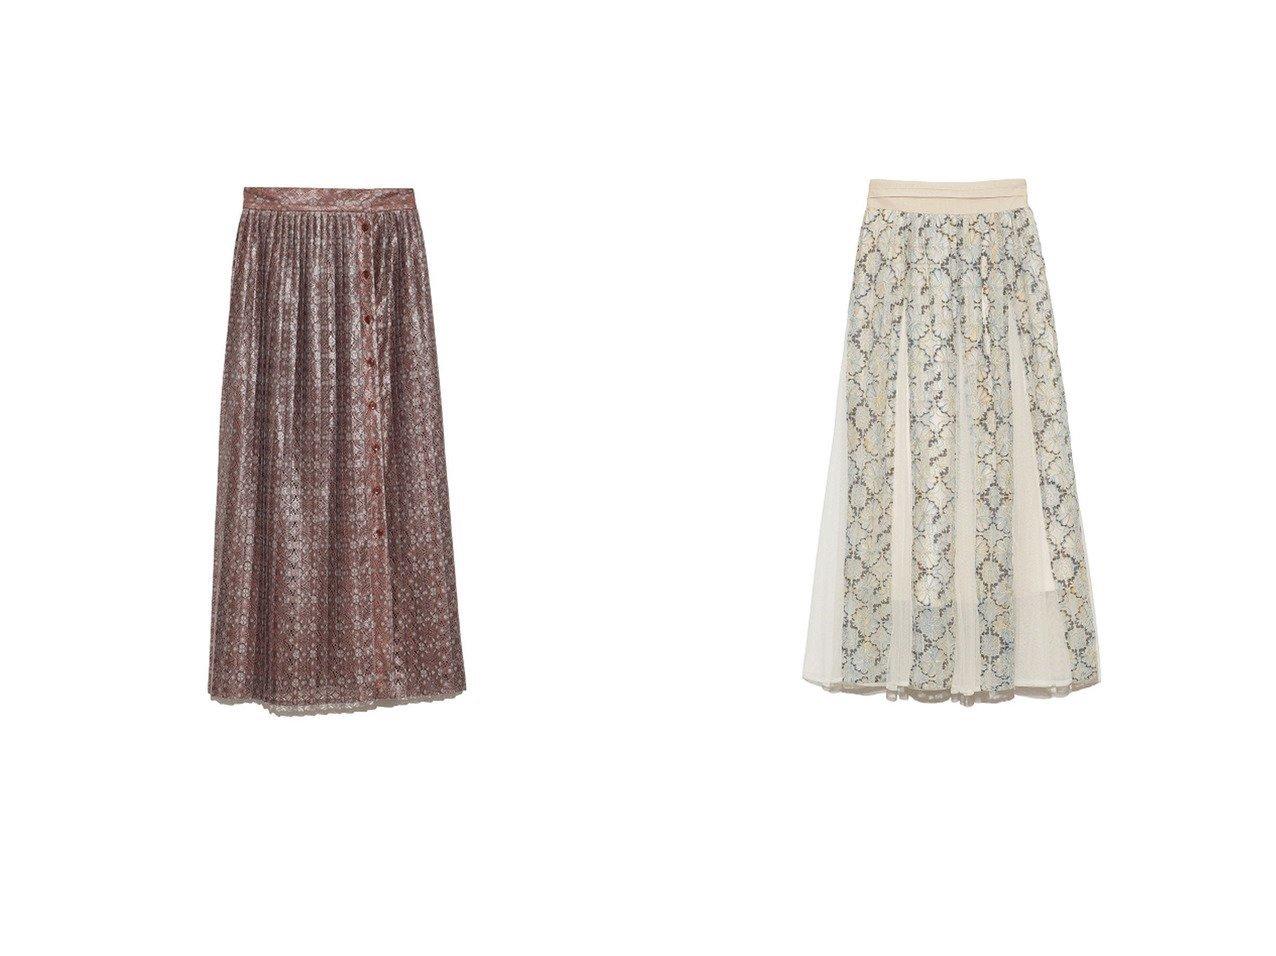 【Lily Brown/リリーブラウン】のレースドッキングスカート&切り替えチュールレーススカート スカートのおすすめ!人気、トレンド・レディースファッションの通販  おすすめで人気の流行・トレンド、ファッションの通販商品 メンズファッション・キッズファッション・インテリア・家具・レディースファッション・服の通販 founy(ファニー) https://founy.com/ ファッション Fashion レディースファッション WOMEN スカート Skirt スマート スリット プリーツ レース |ID:crp329100000009727